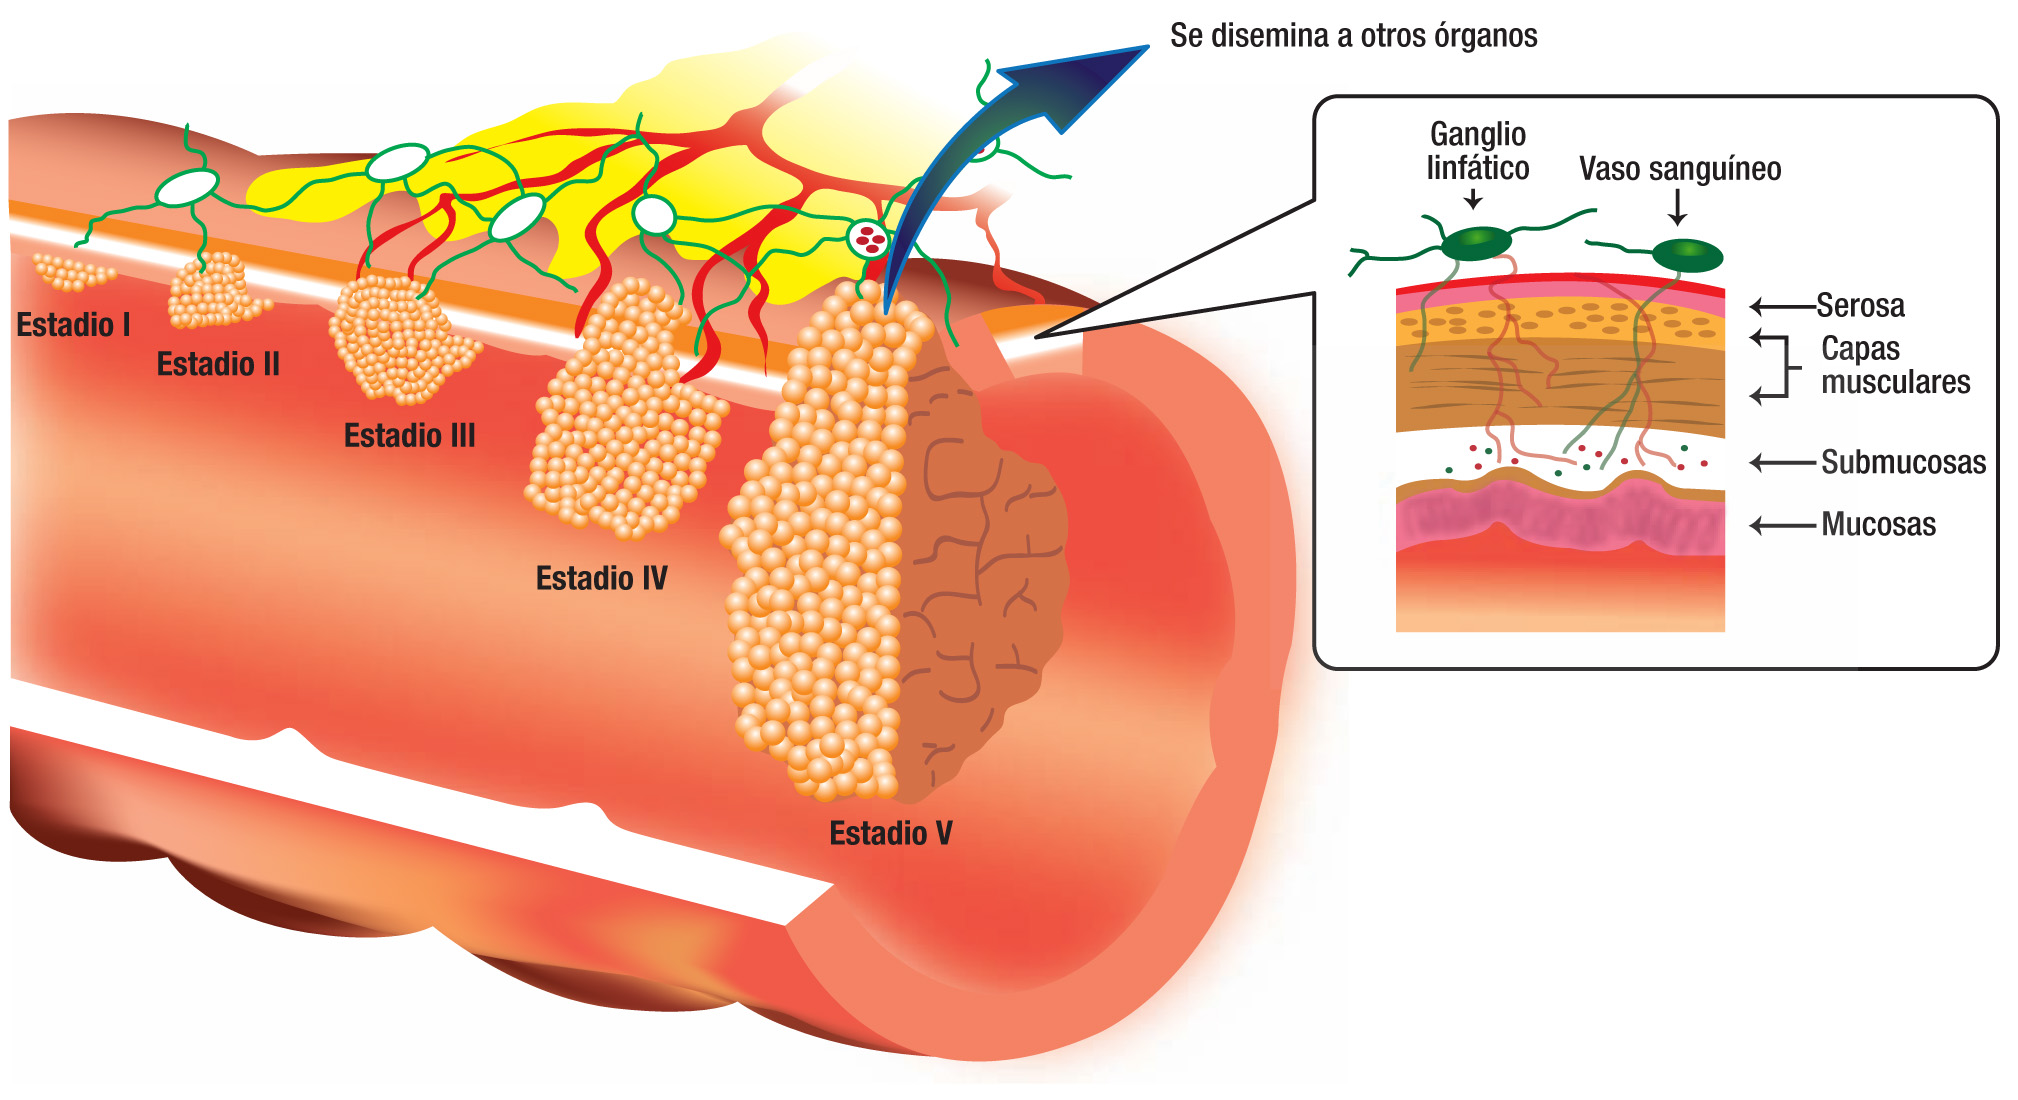 cancer colorectal fin de vie anemie u batolat